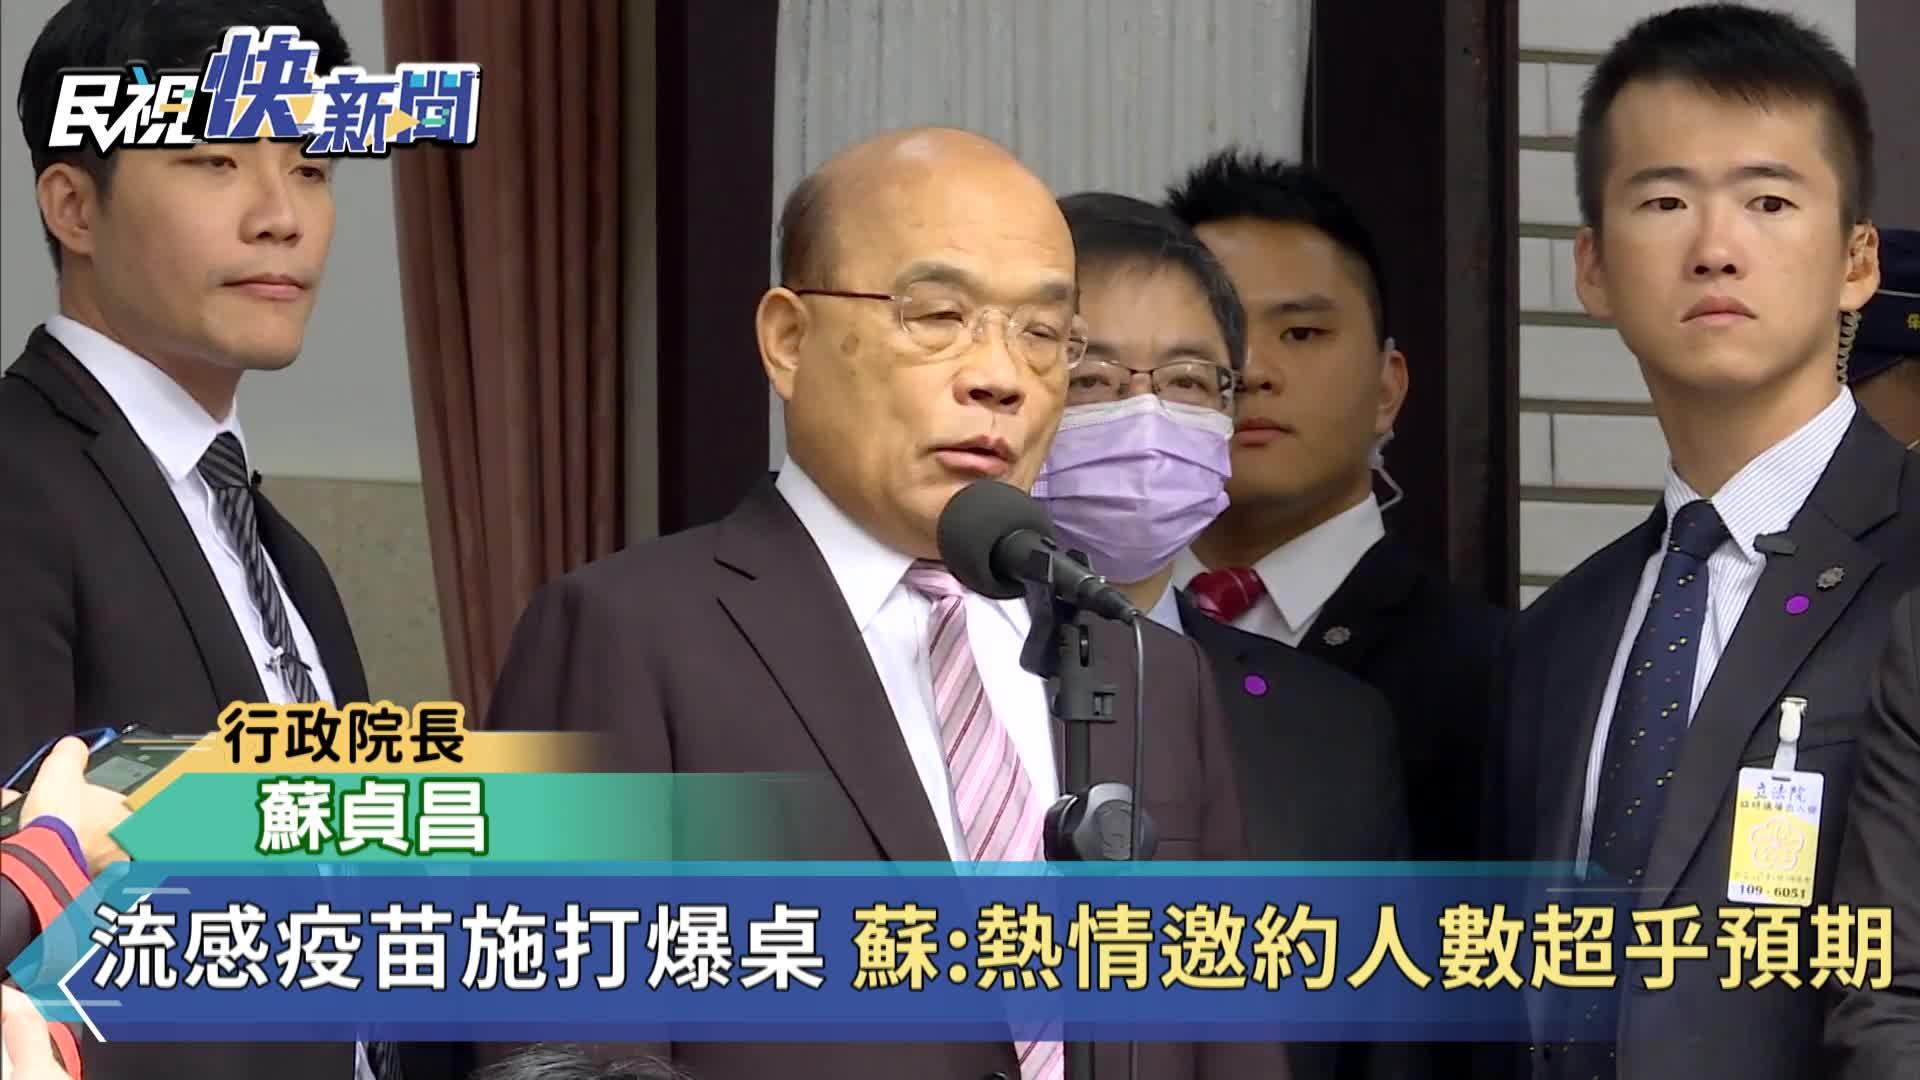 快新聞/流感疫苗施打「爆桌」 蘇貞昌籲國人配合:流感不是武漢肺炎!